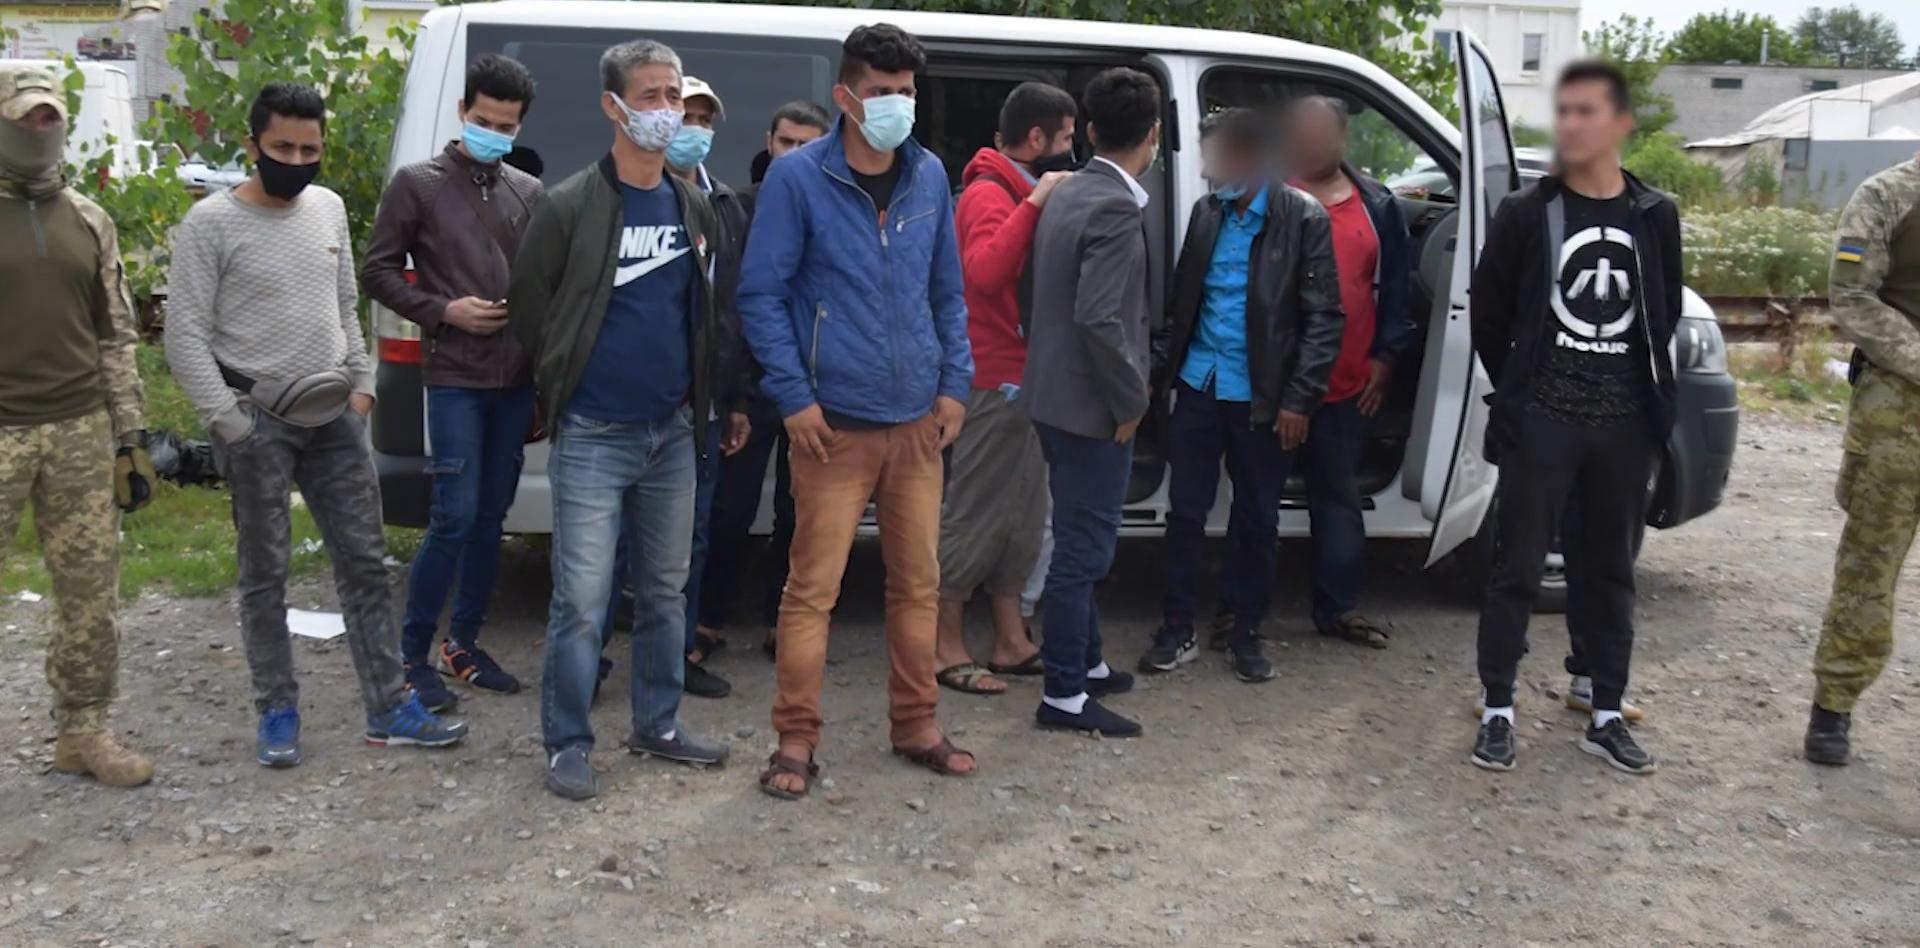 Затримання нелегальних мігрантів